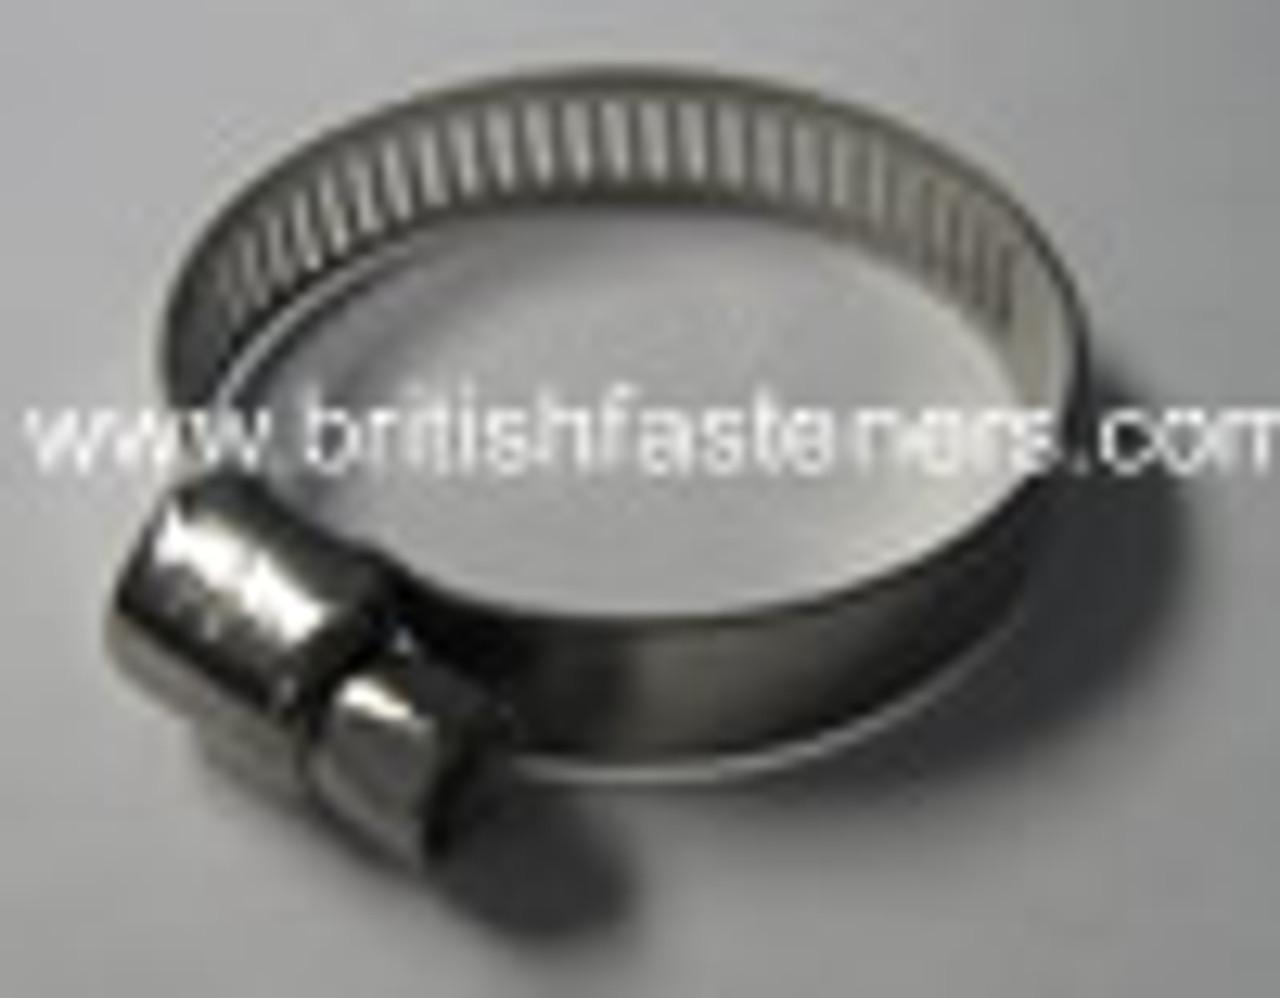 """Hose Clip - Narrow - 1-1/4"""" - 2-1/4"""" (32-57mm) - (7349)"""